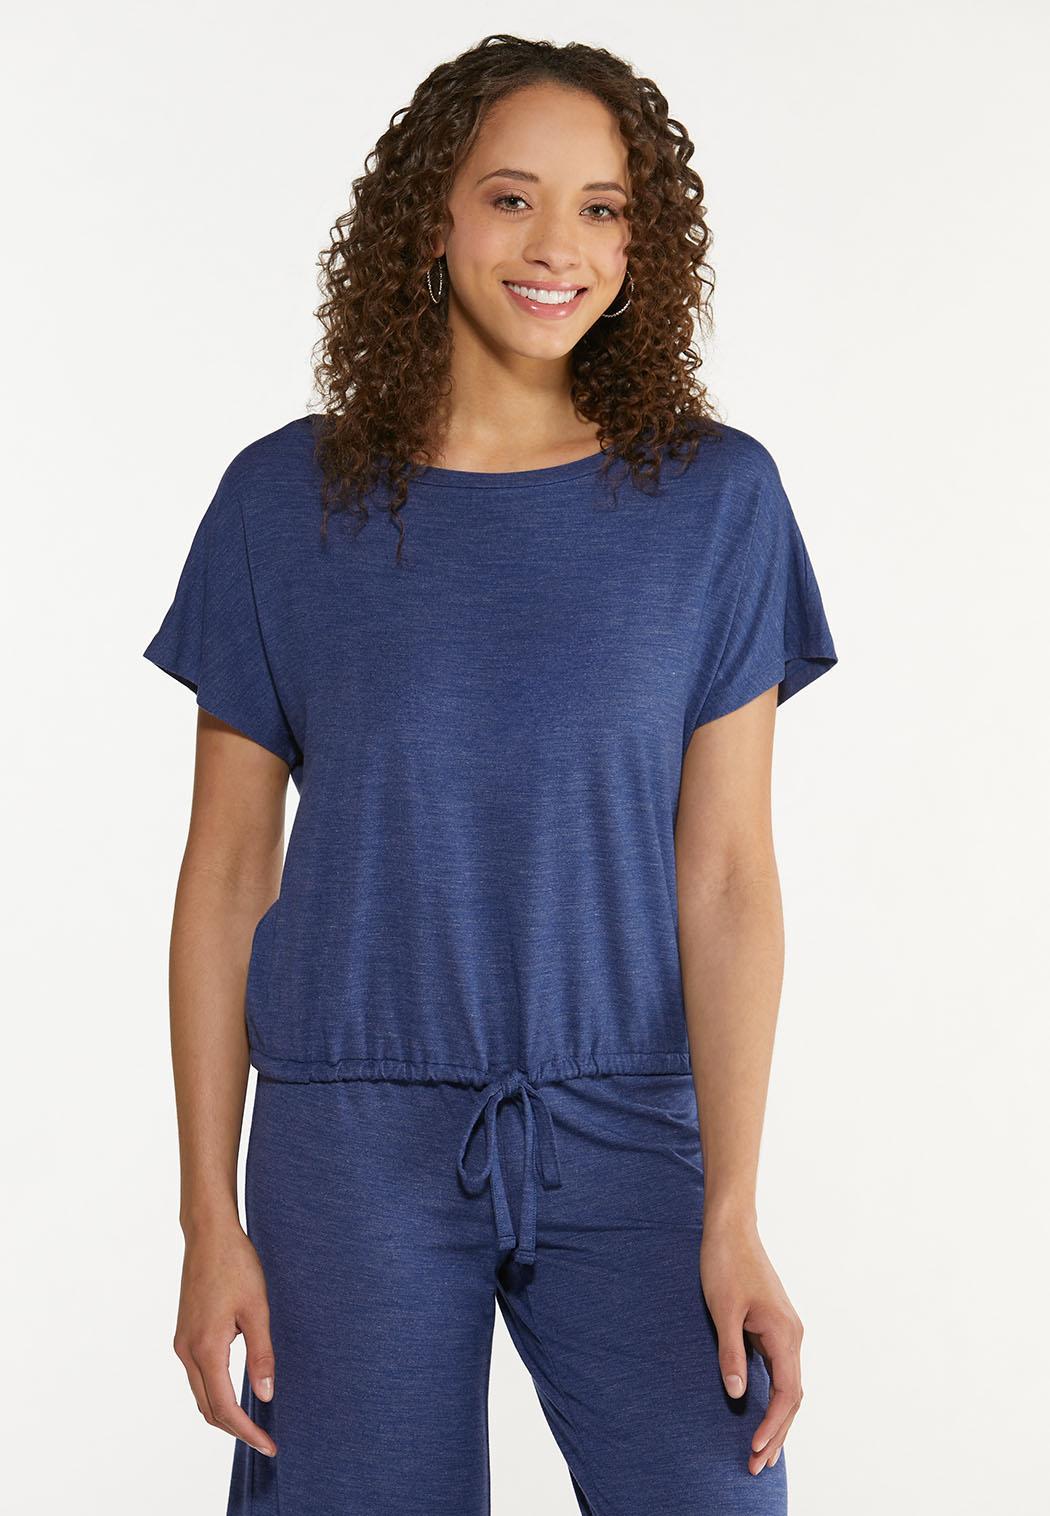 Plus Size Vintage Blue Top